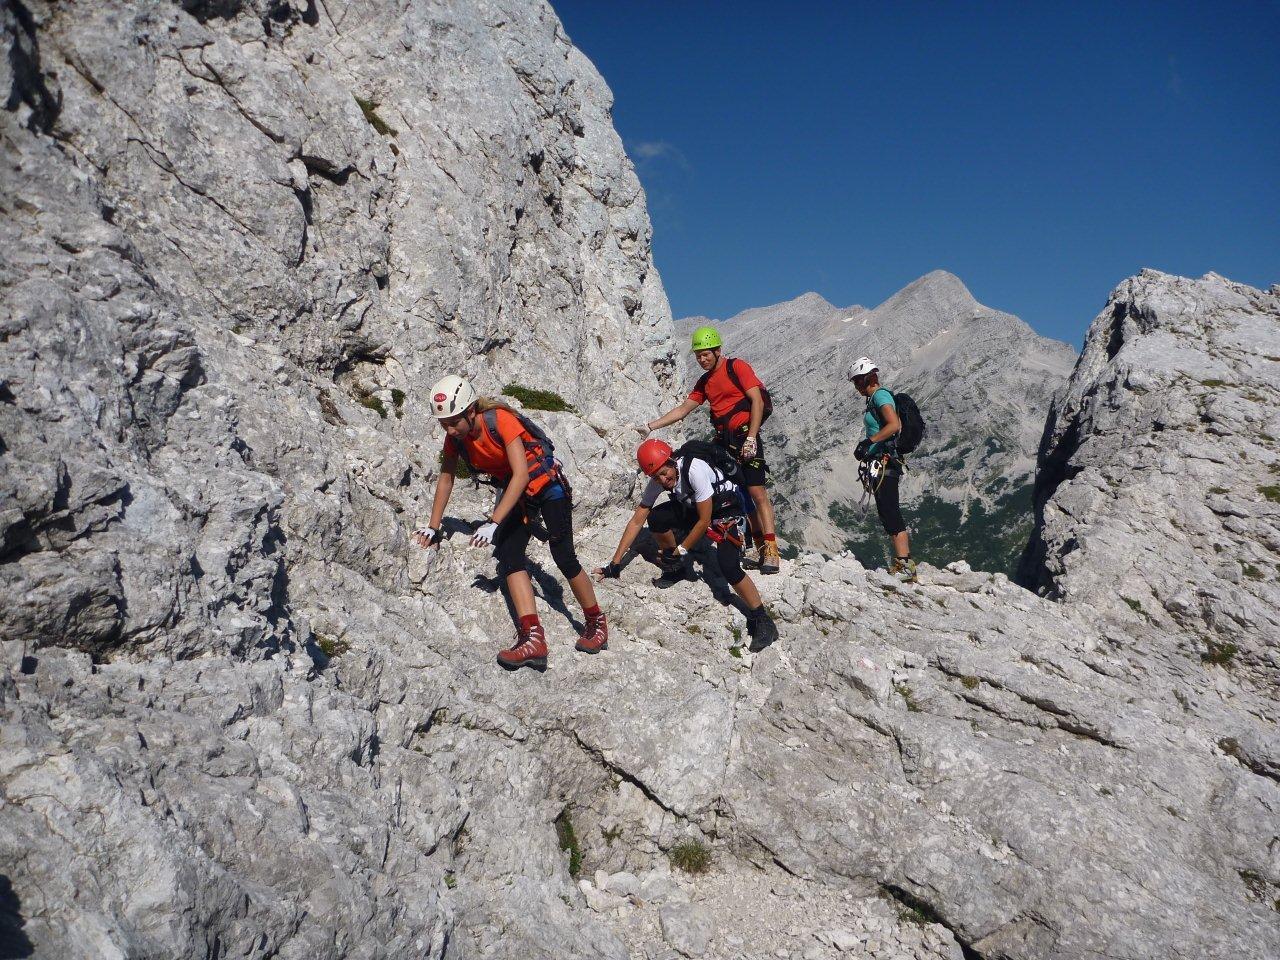 Klettersteig Julische Alpen : Aufdiebergbinigern prisank klettersteig durch das fenster